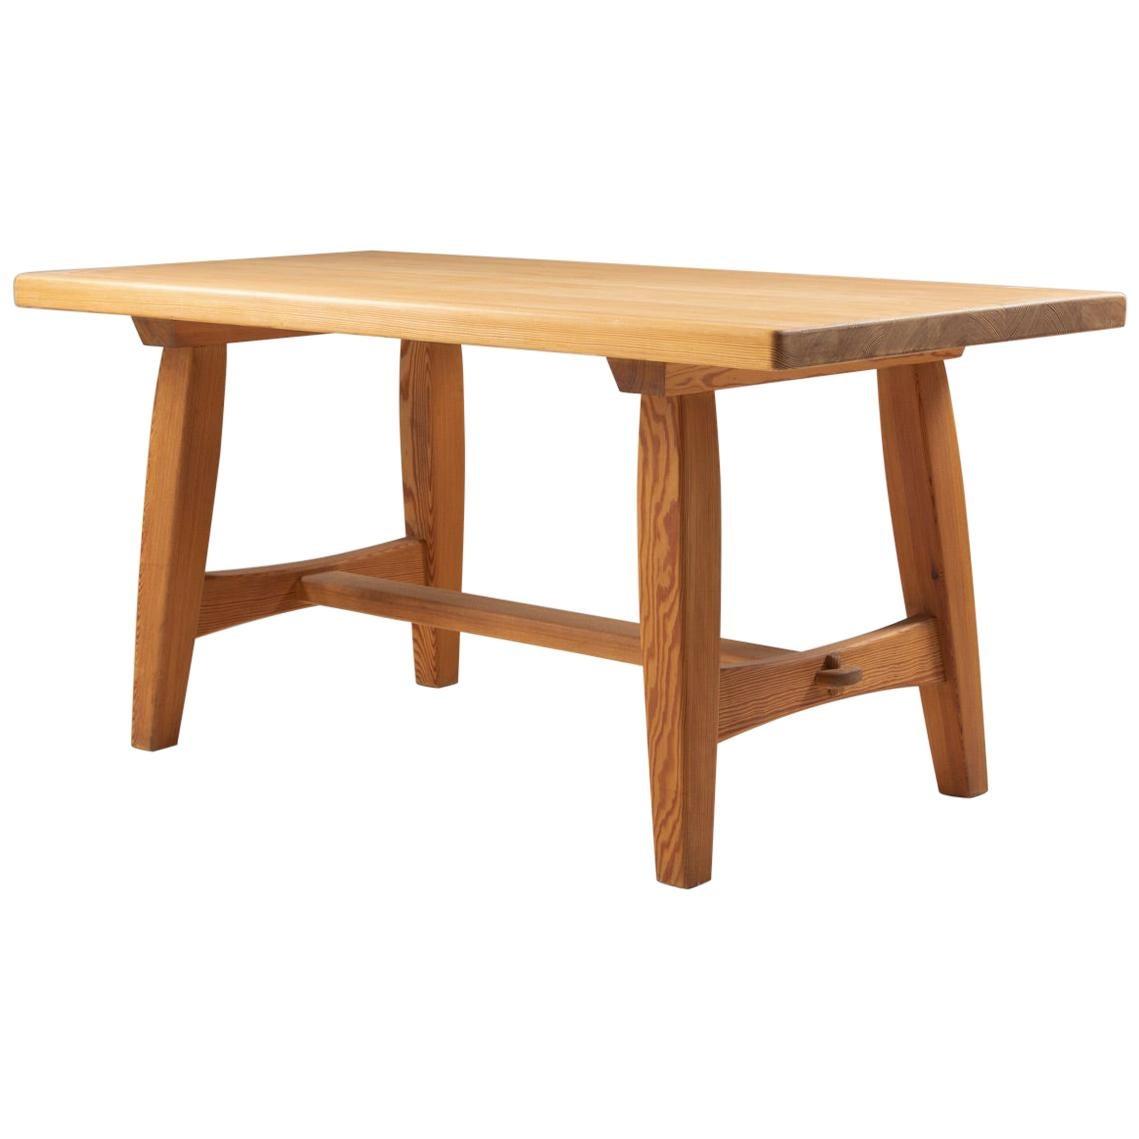 Scandinavian Coffee Table in Pine by Krogenæs